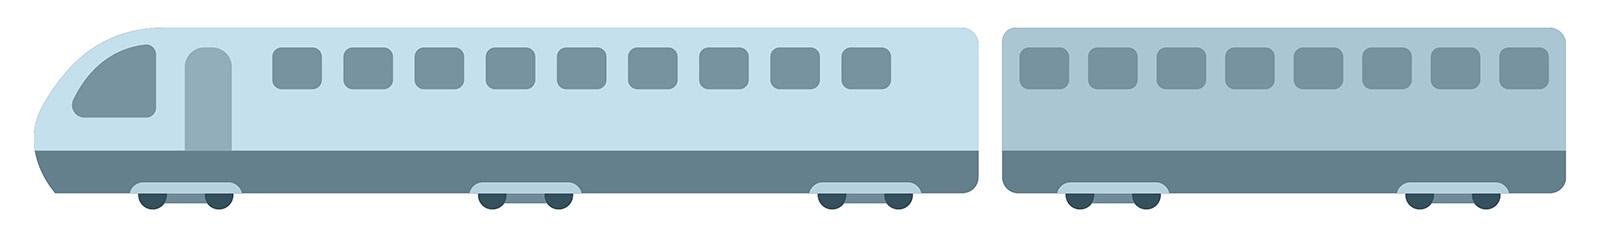 illust_train